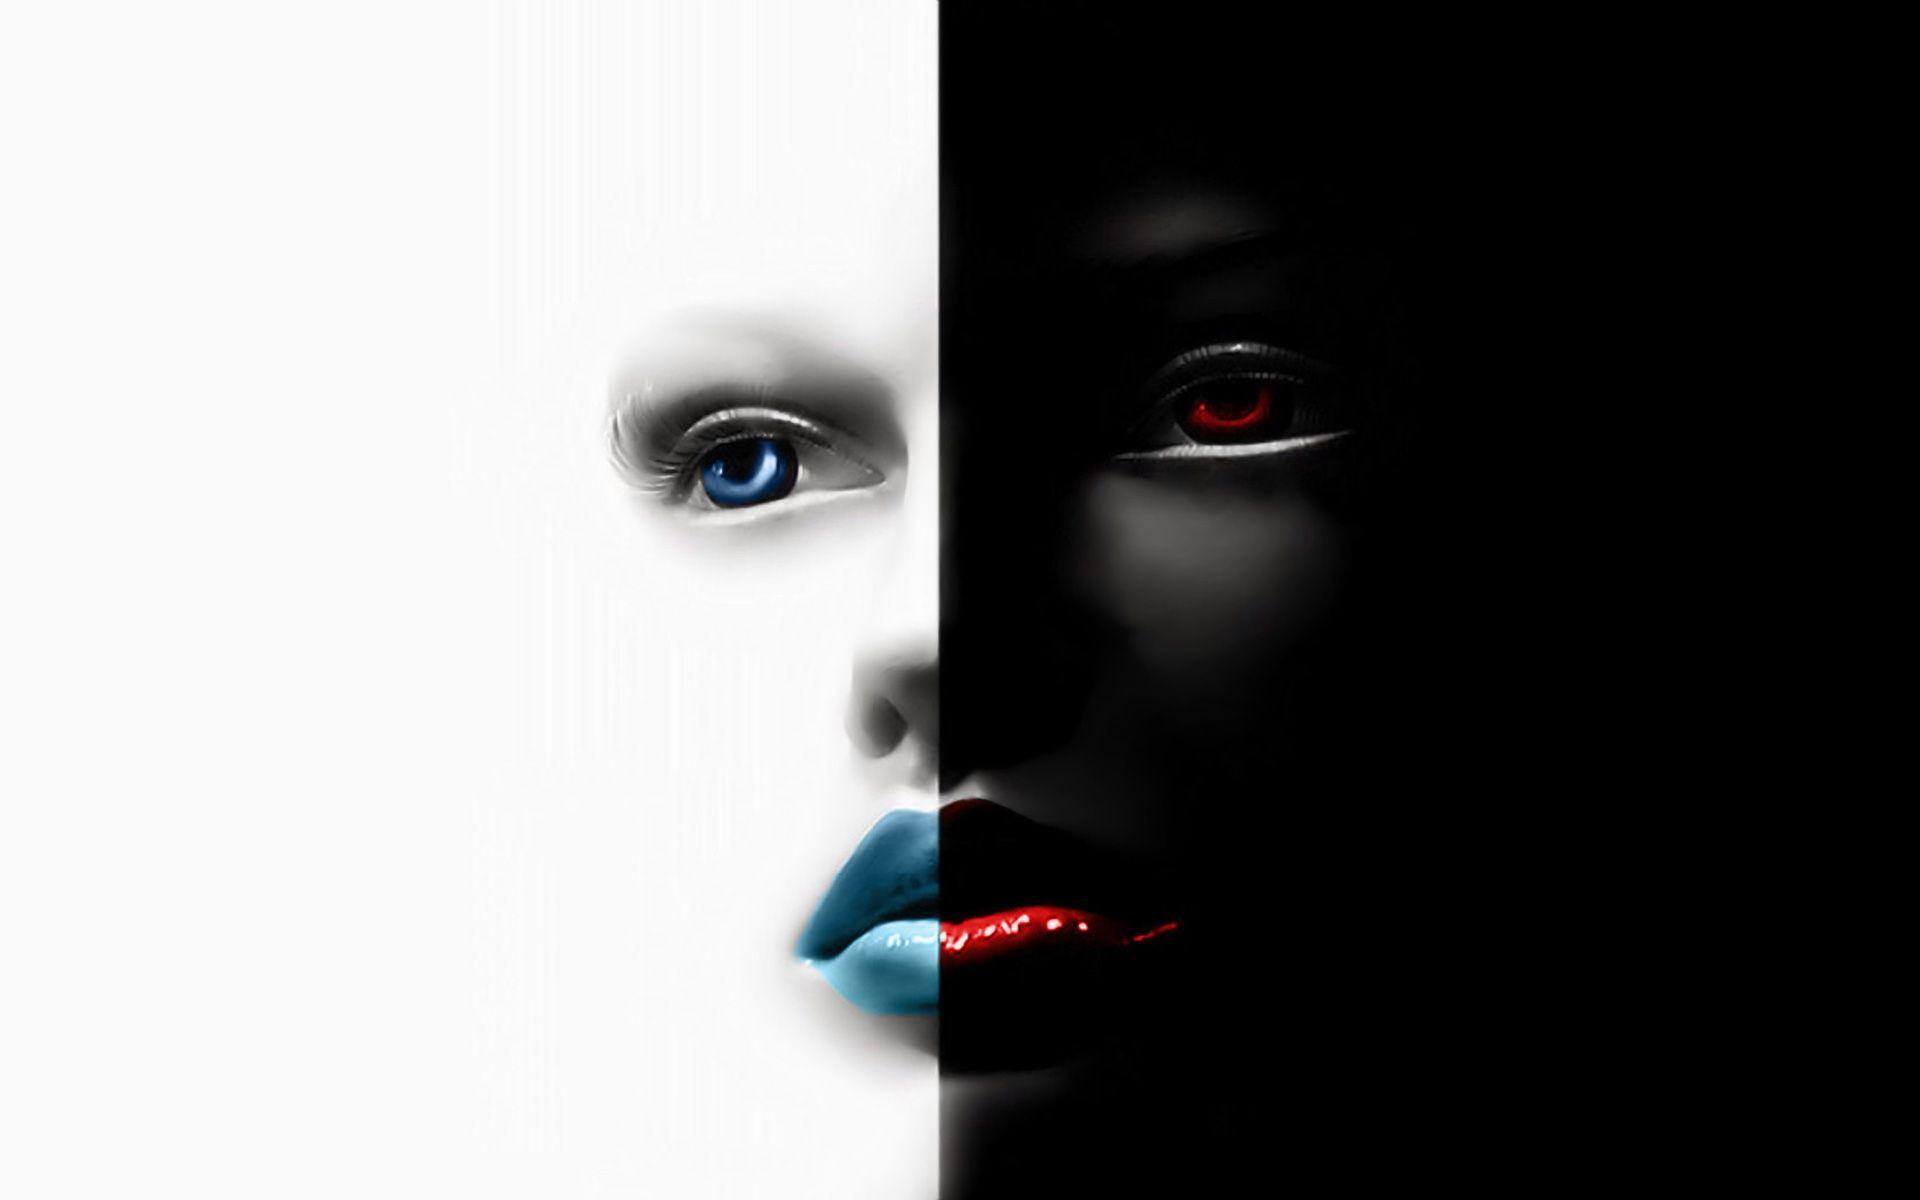 Connu Fond d'écran hd : visage noir et blanc   Fond d'écran hd gratuit  IX82